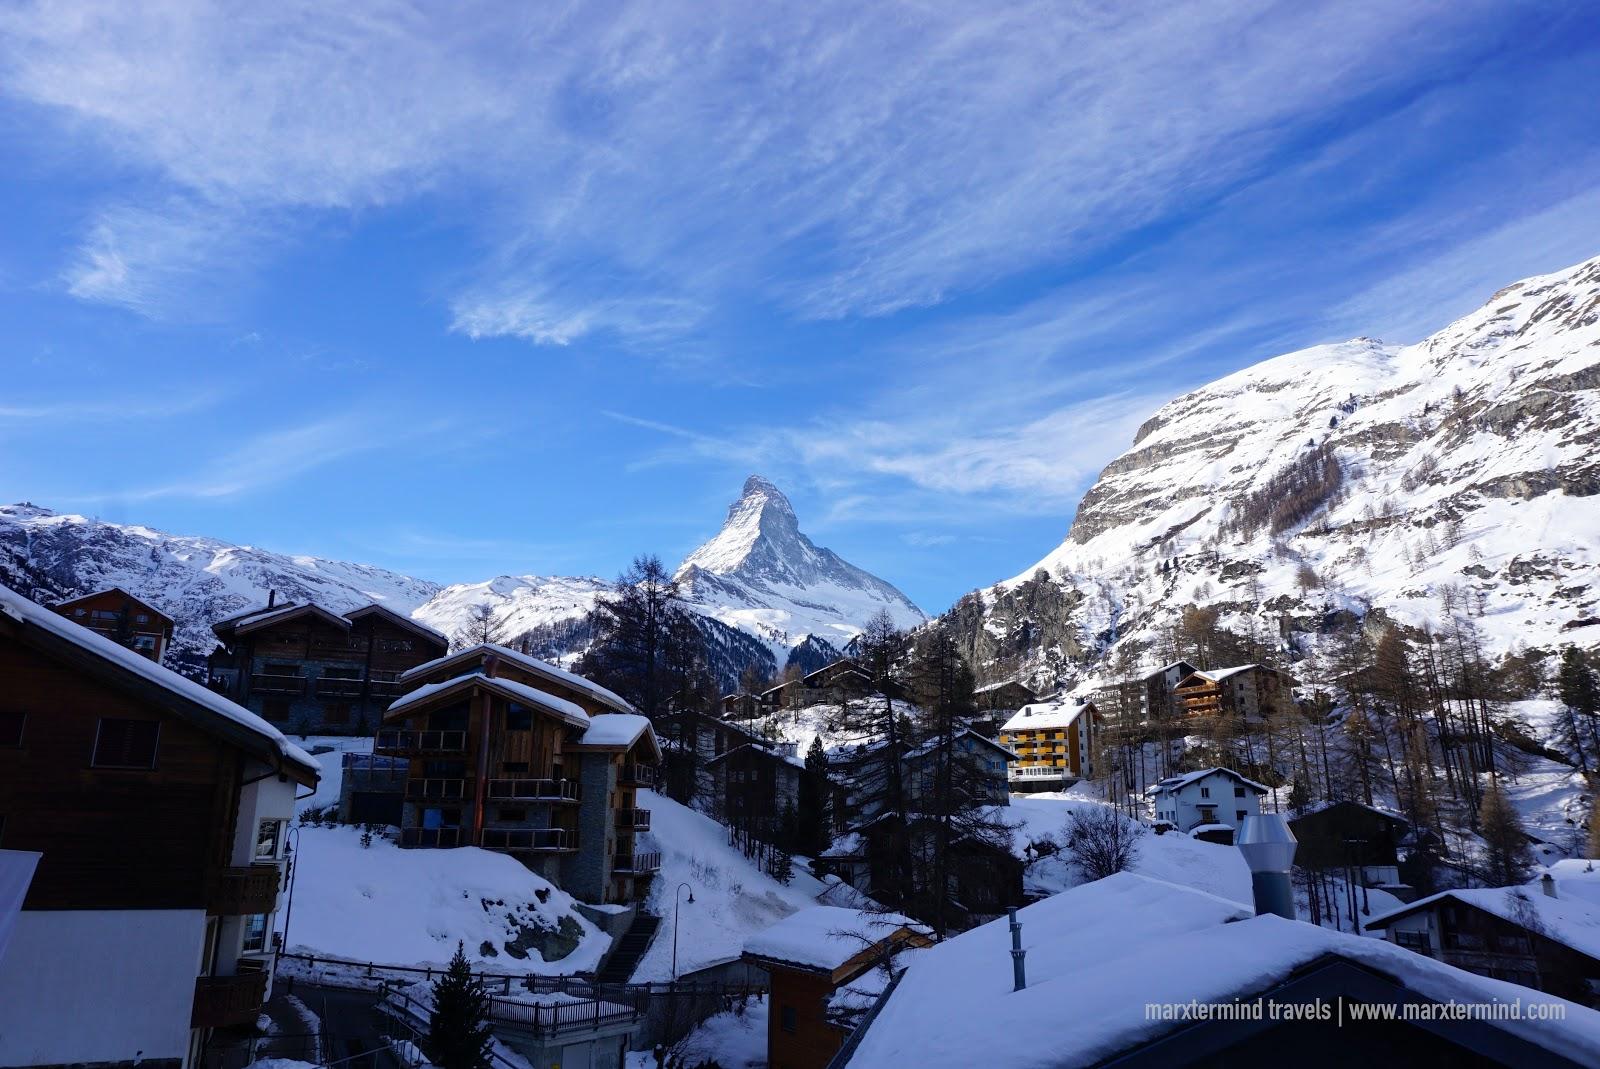 View of the Matterhorn from Zermatt Youth Hostel